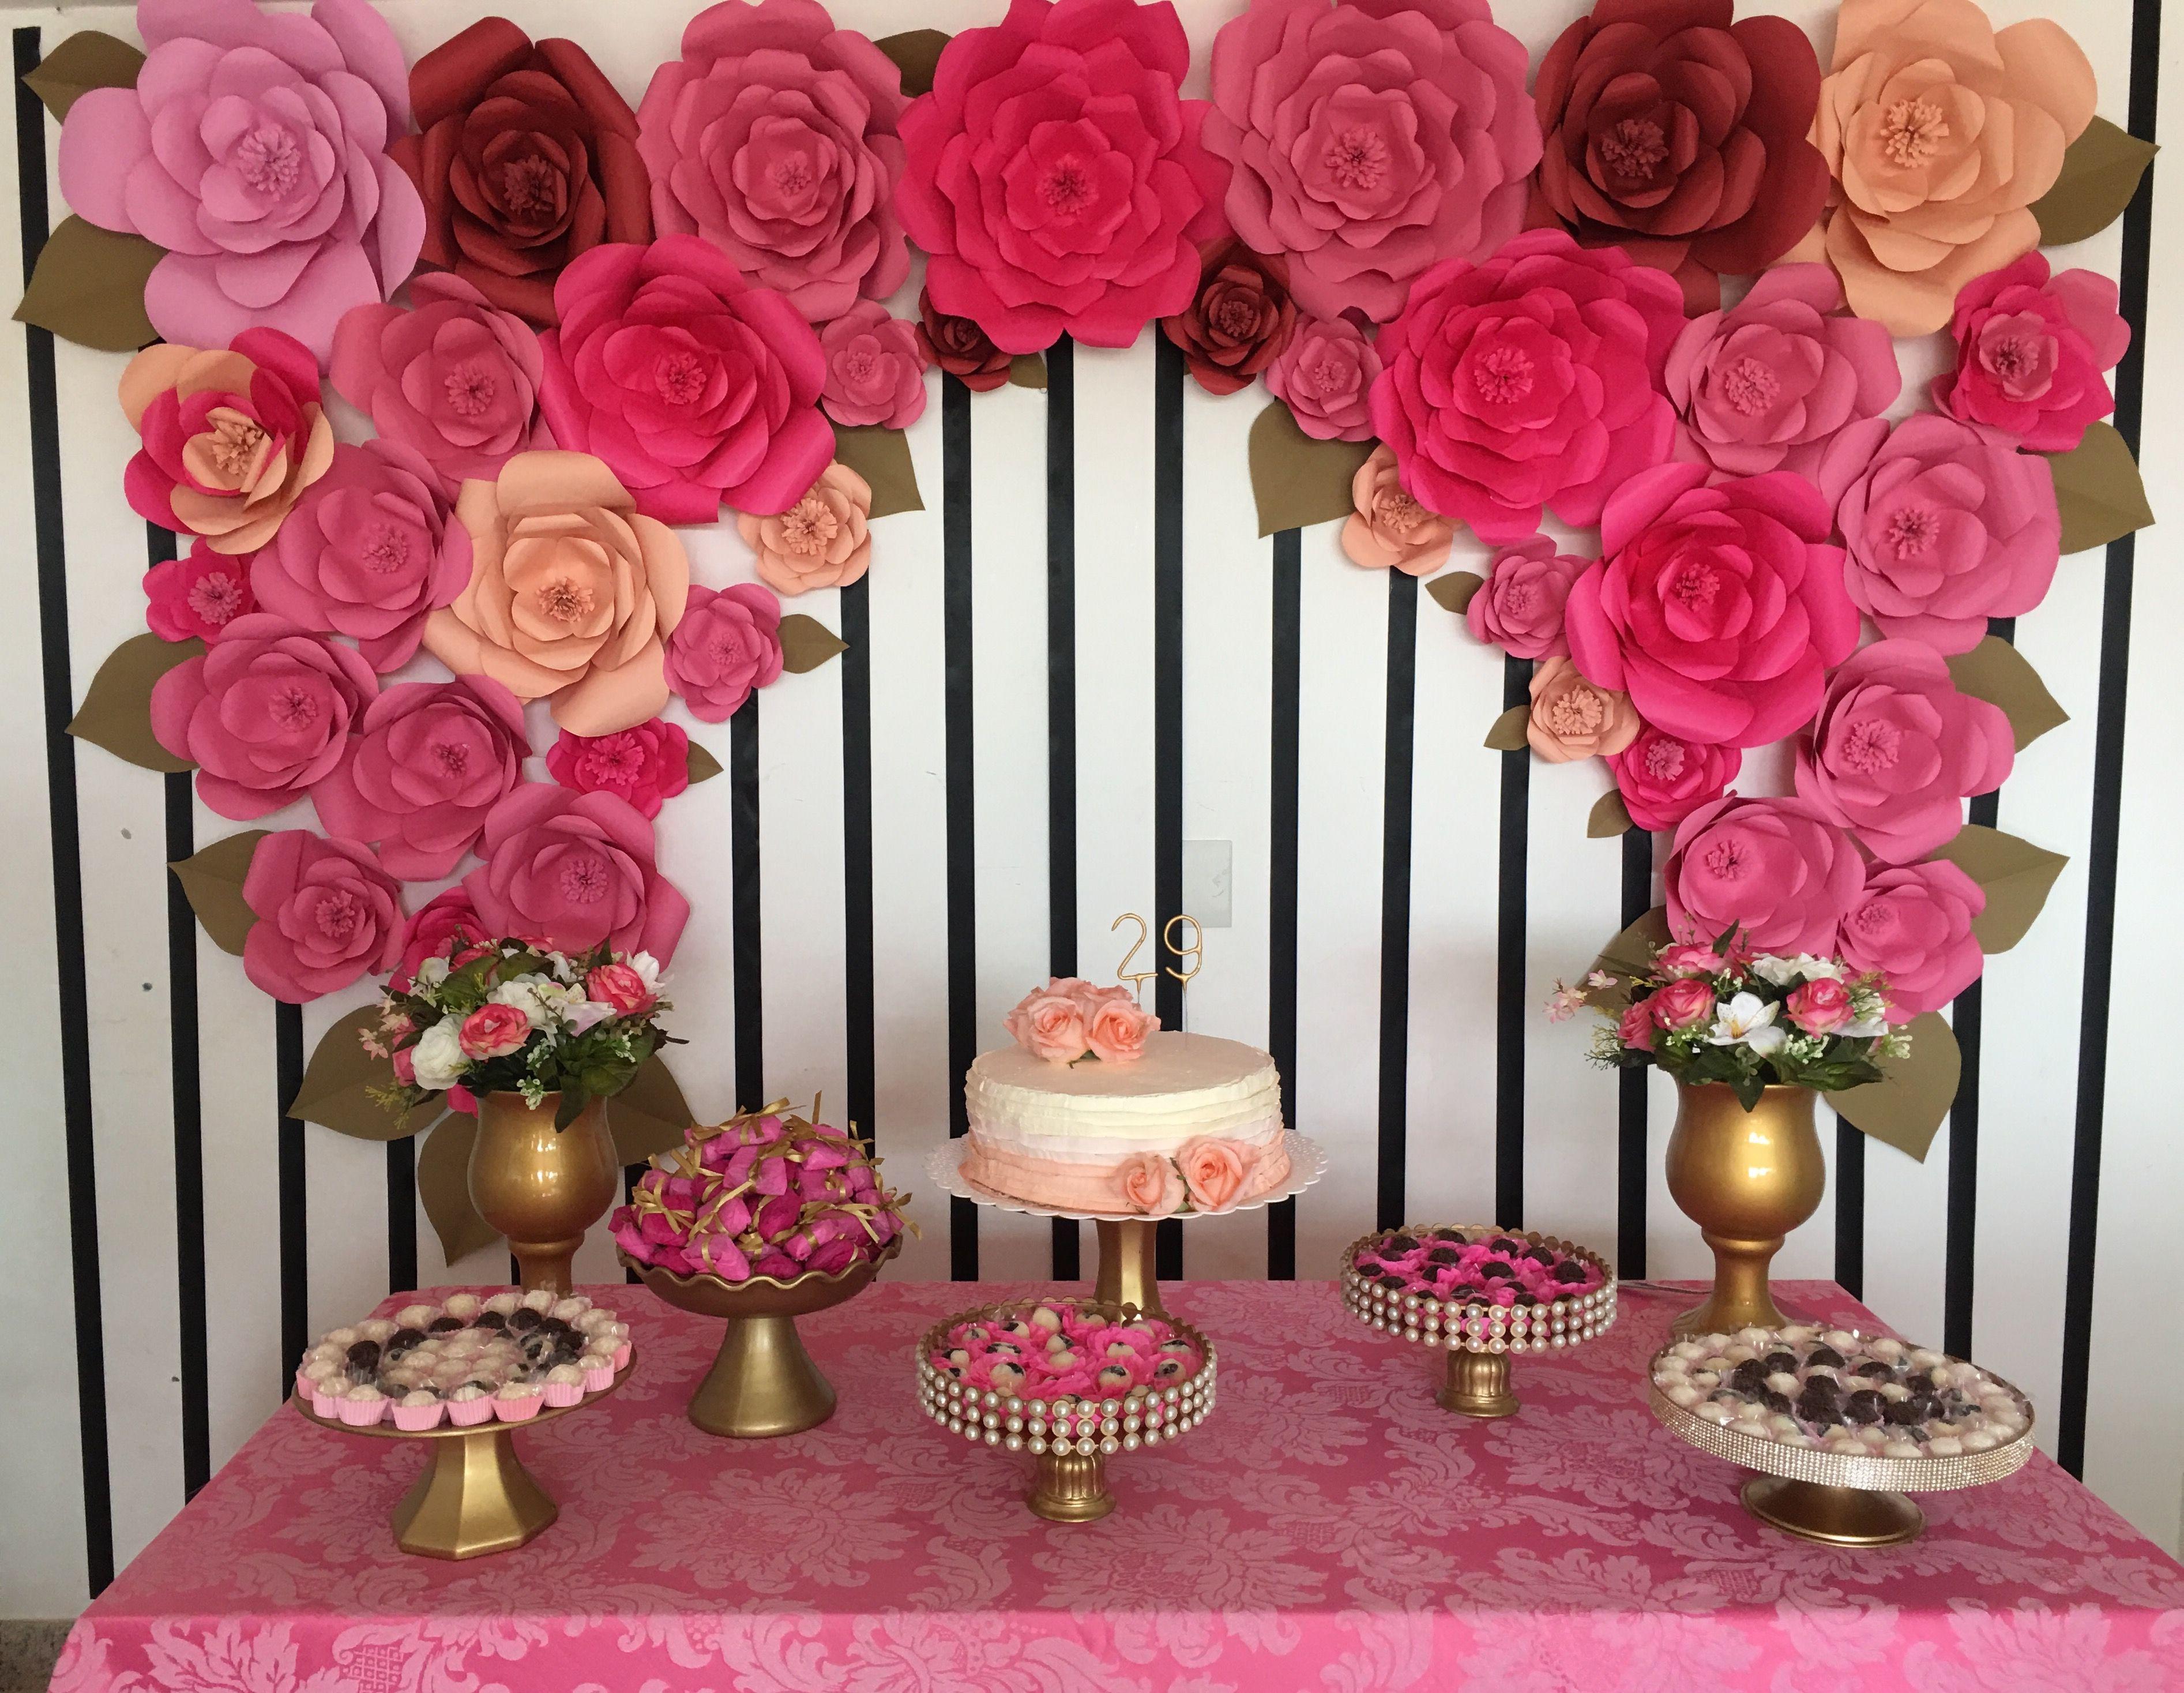 Flores De Aniversario: Decoração Festa De Aniversário 29 Anos Flores De Papel